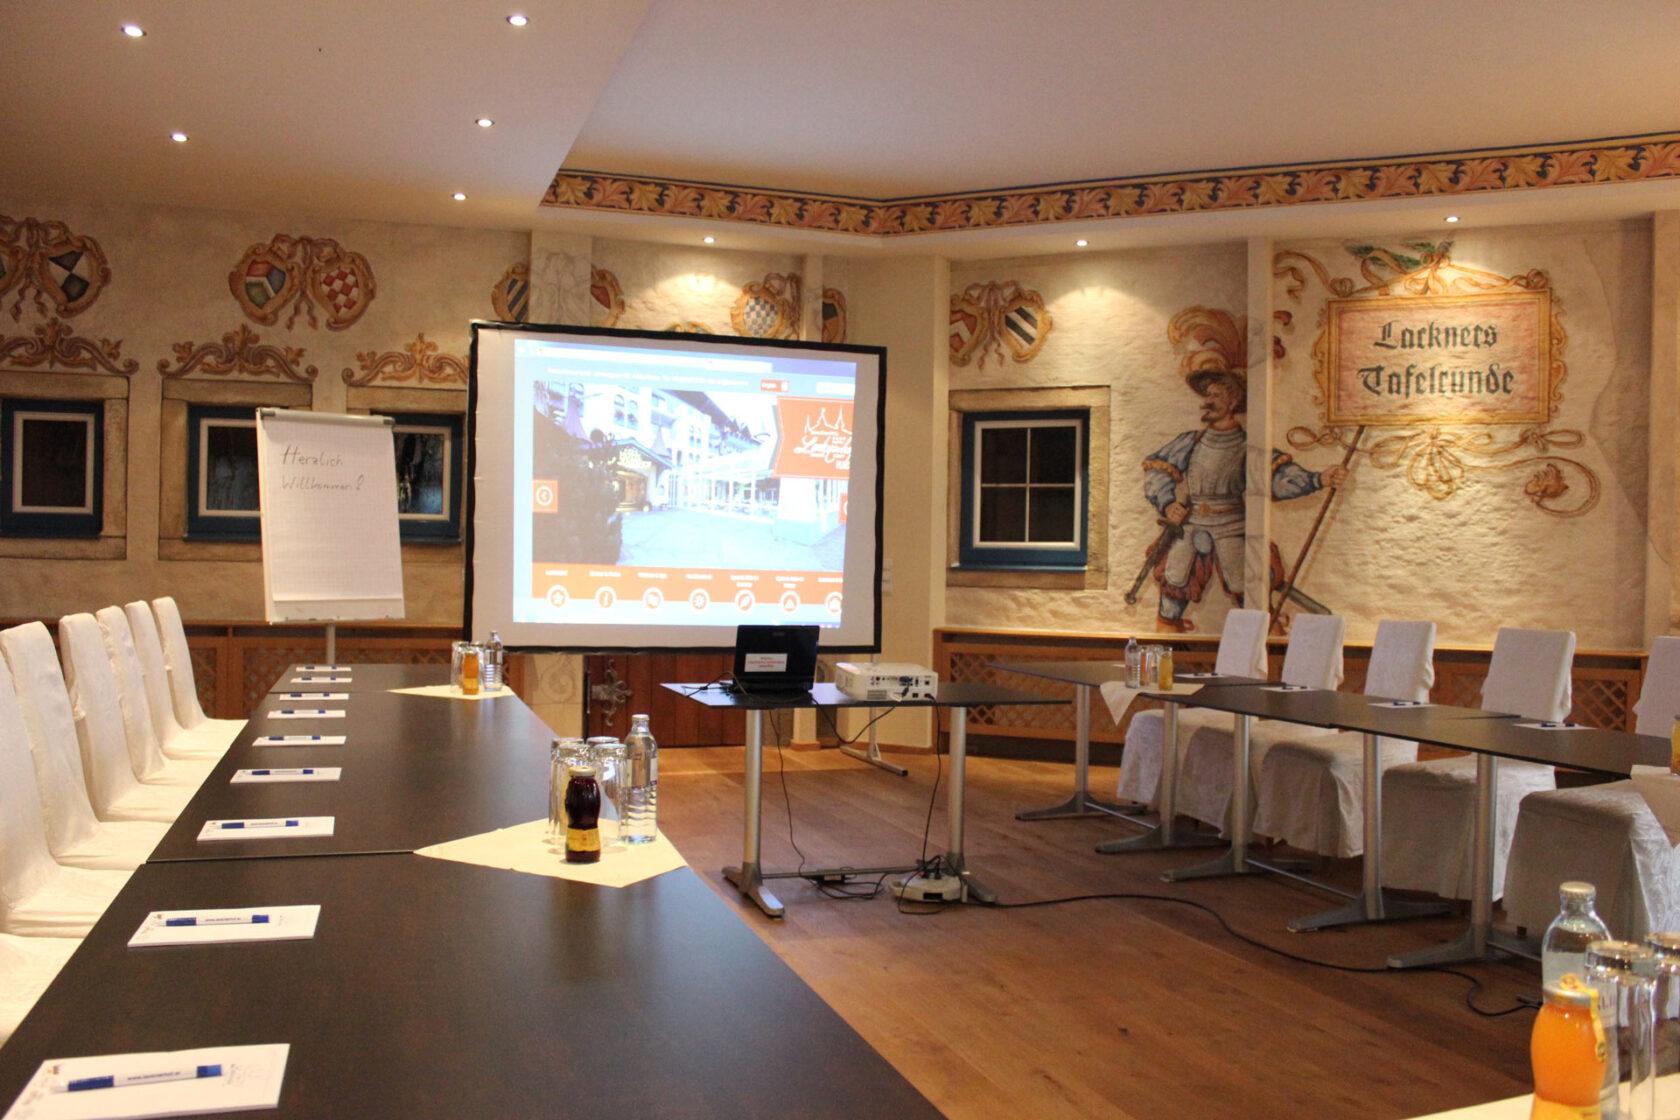 Der Seminarraum im Rittersaal im Schlosshotel Lacknerhof